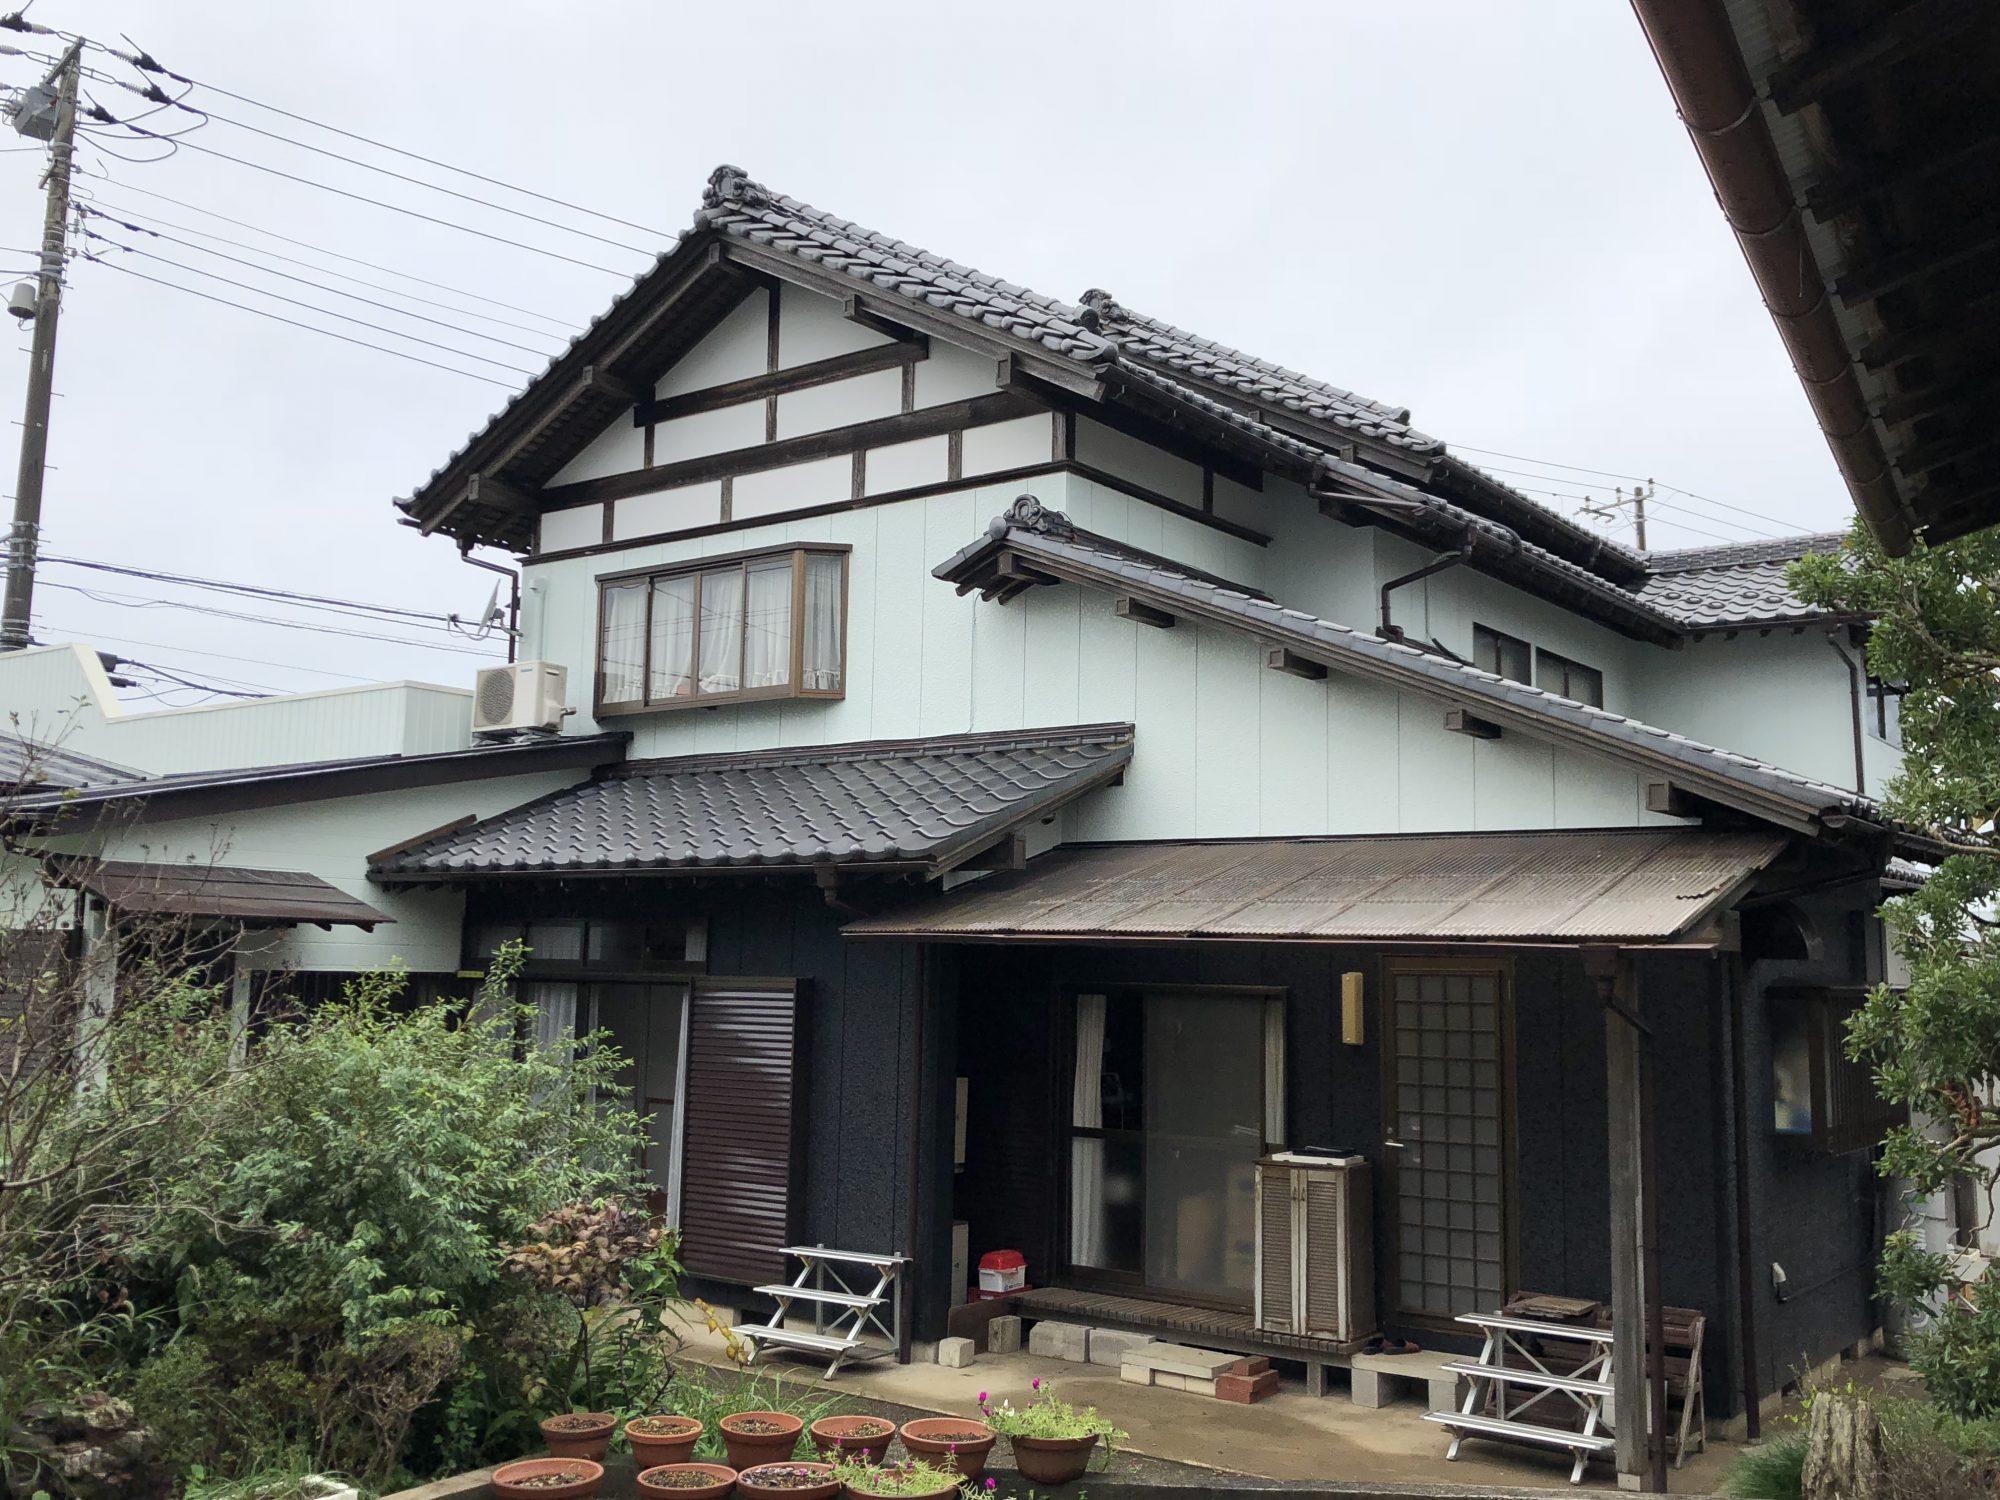 袖ヶ浦市S様邸屋根外壁塗装工事 After